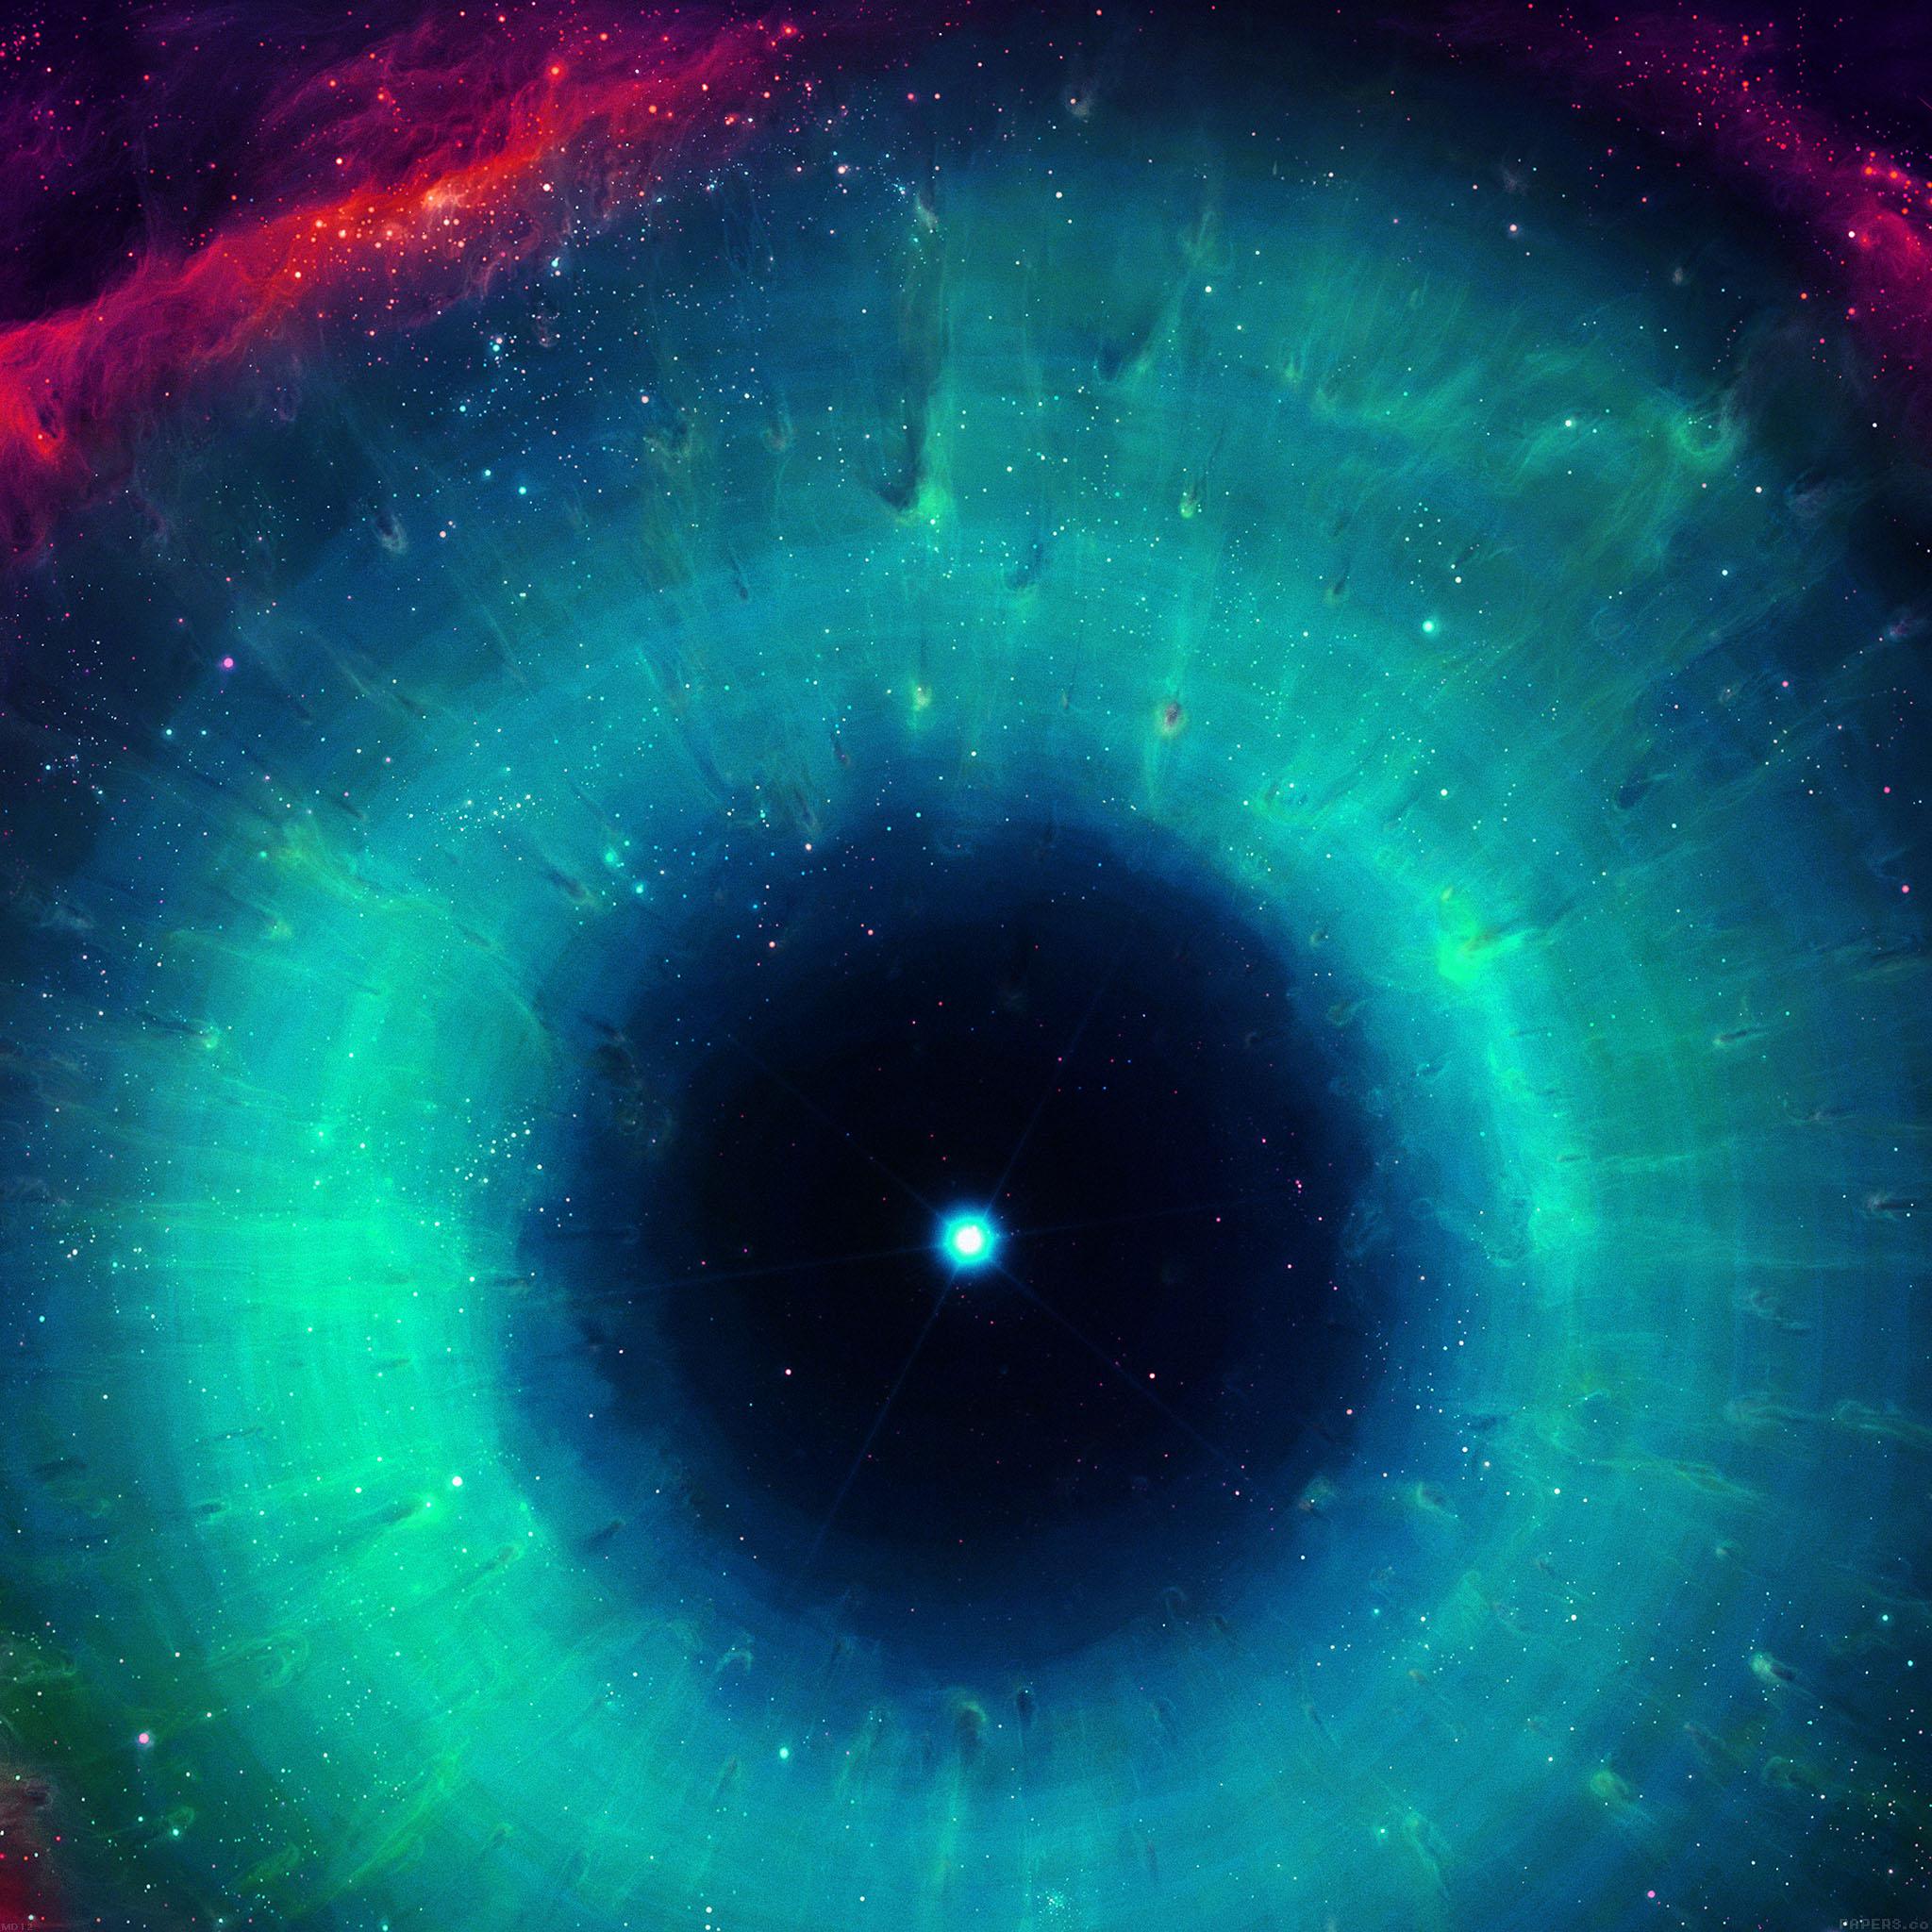 Iphone Wallpaper: Md12-wallpaper-galaxy-eye-center-gren-space-stars